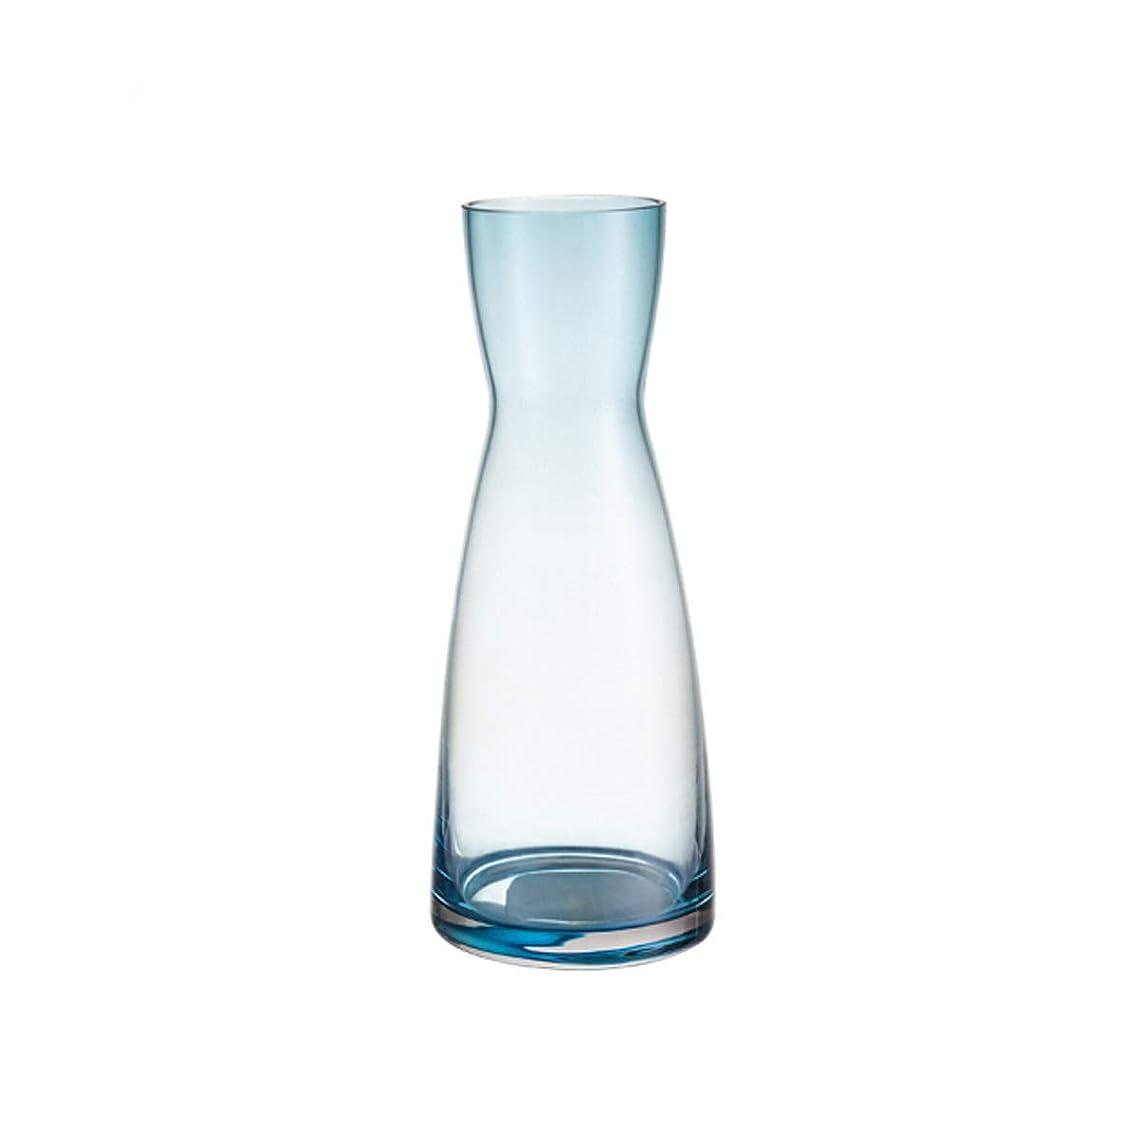 同情歴史家日DPWH 花瓶ガラスの花瓶の装飾クリエイティブ装飾リビングルームモダンなミニマリストのファッション (Color : Clear)